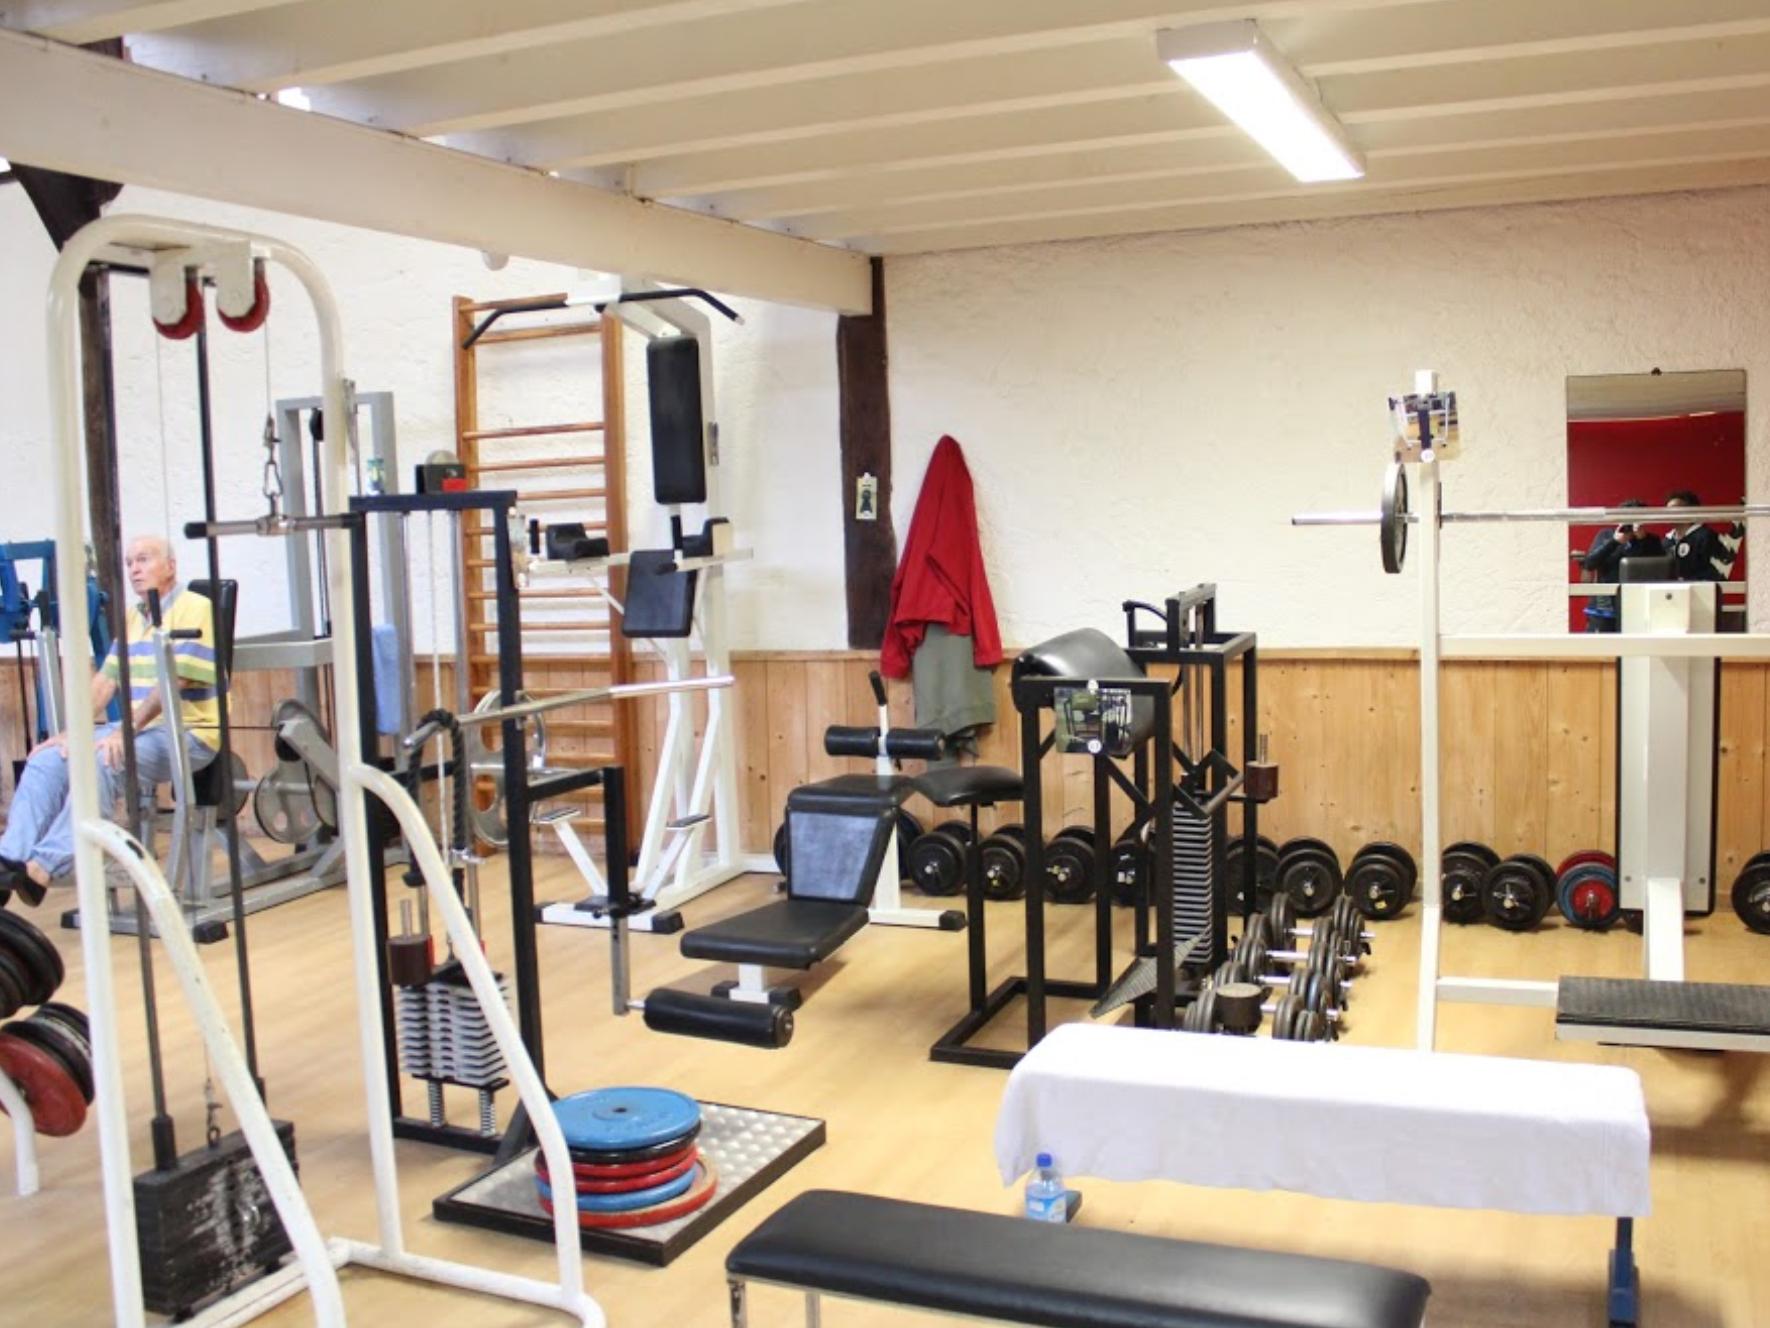 COVID-19 : proposition d'un protocole sanitaire renforcé dans les salles de sport